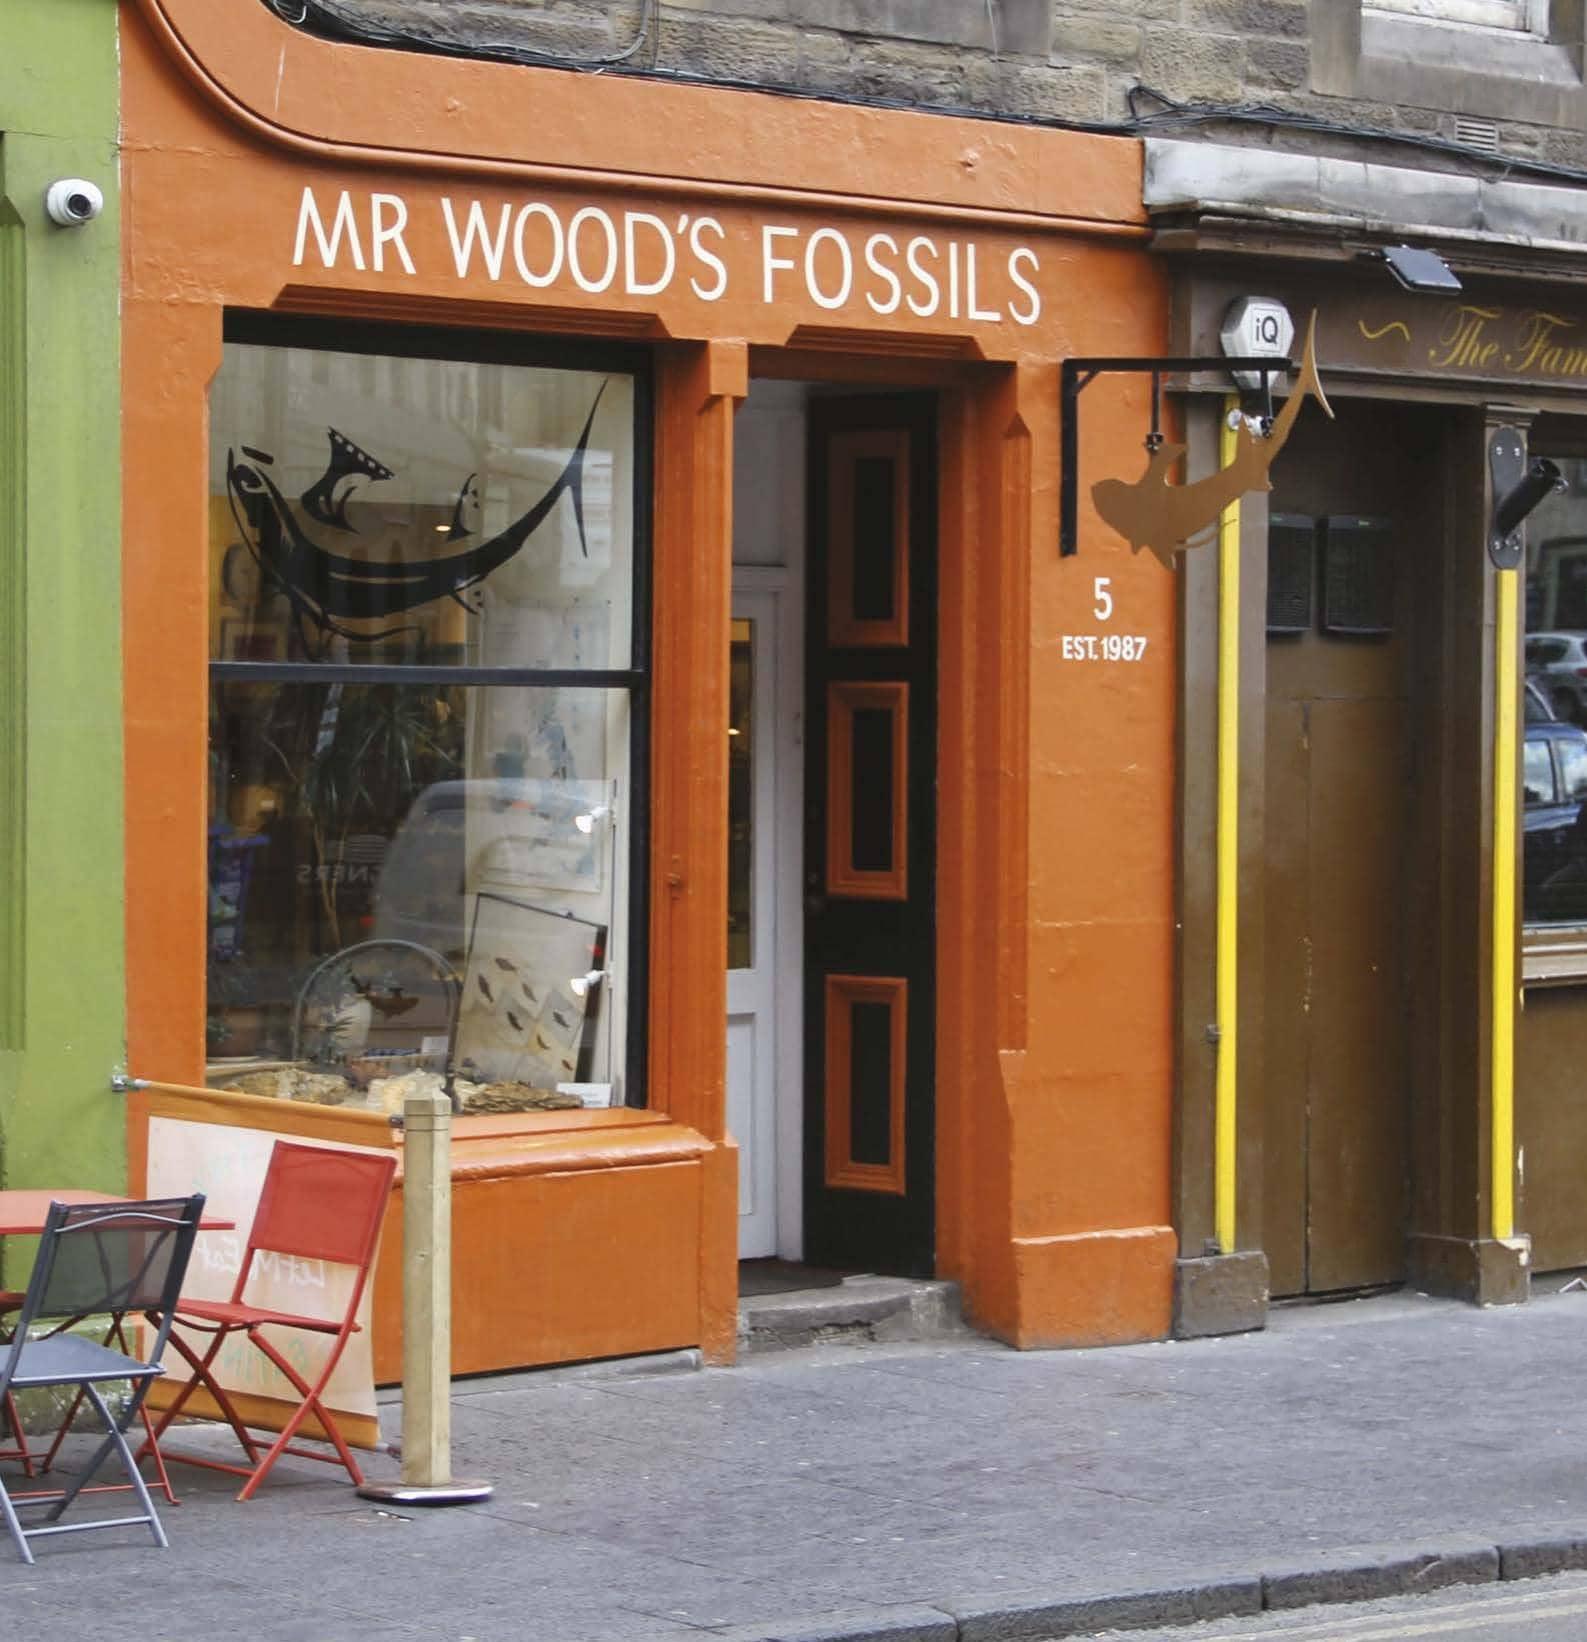 Rock Shops of Distinction MR. WOOD'S FOSSILS